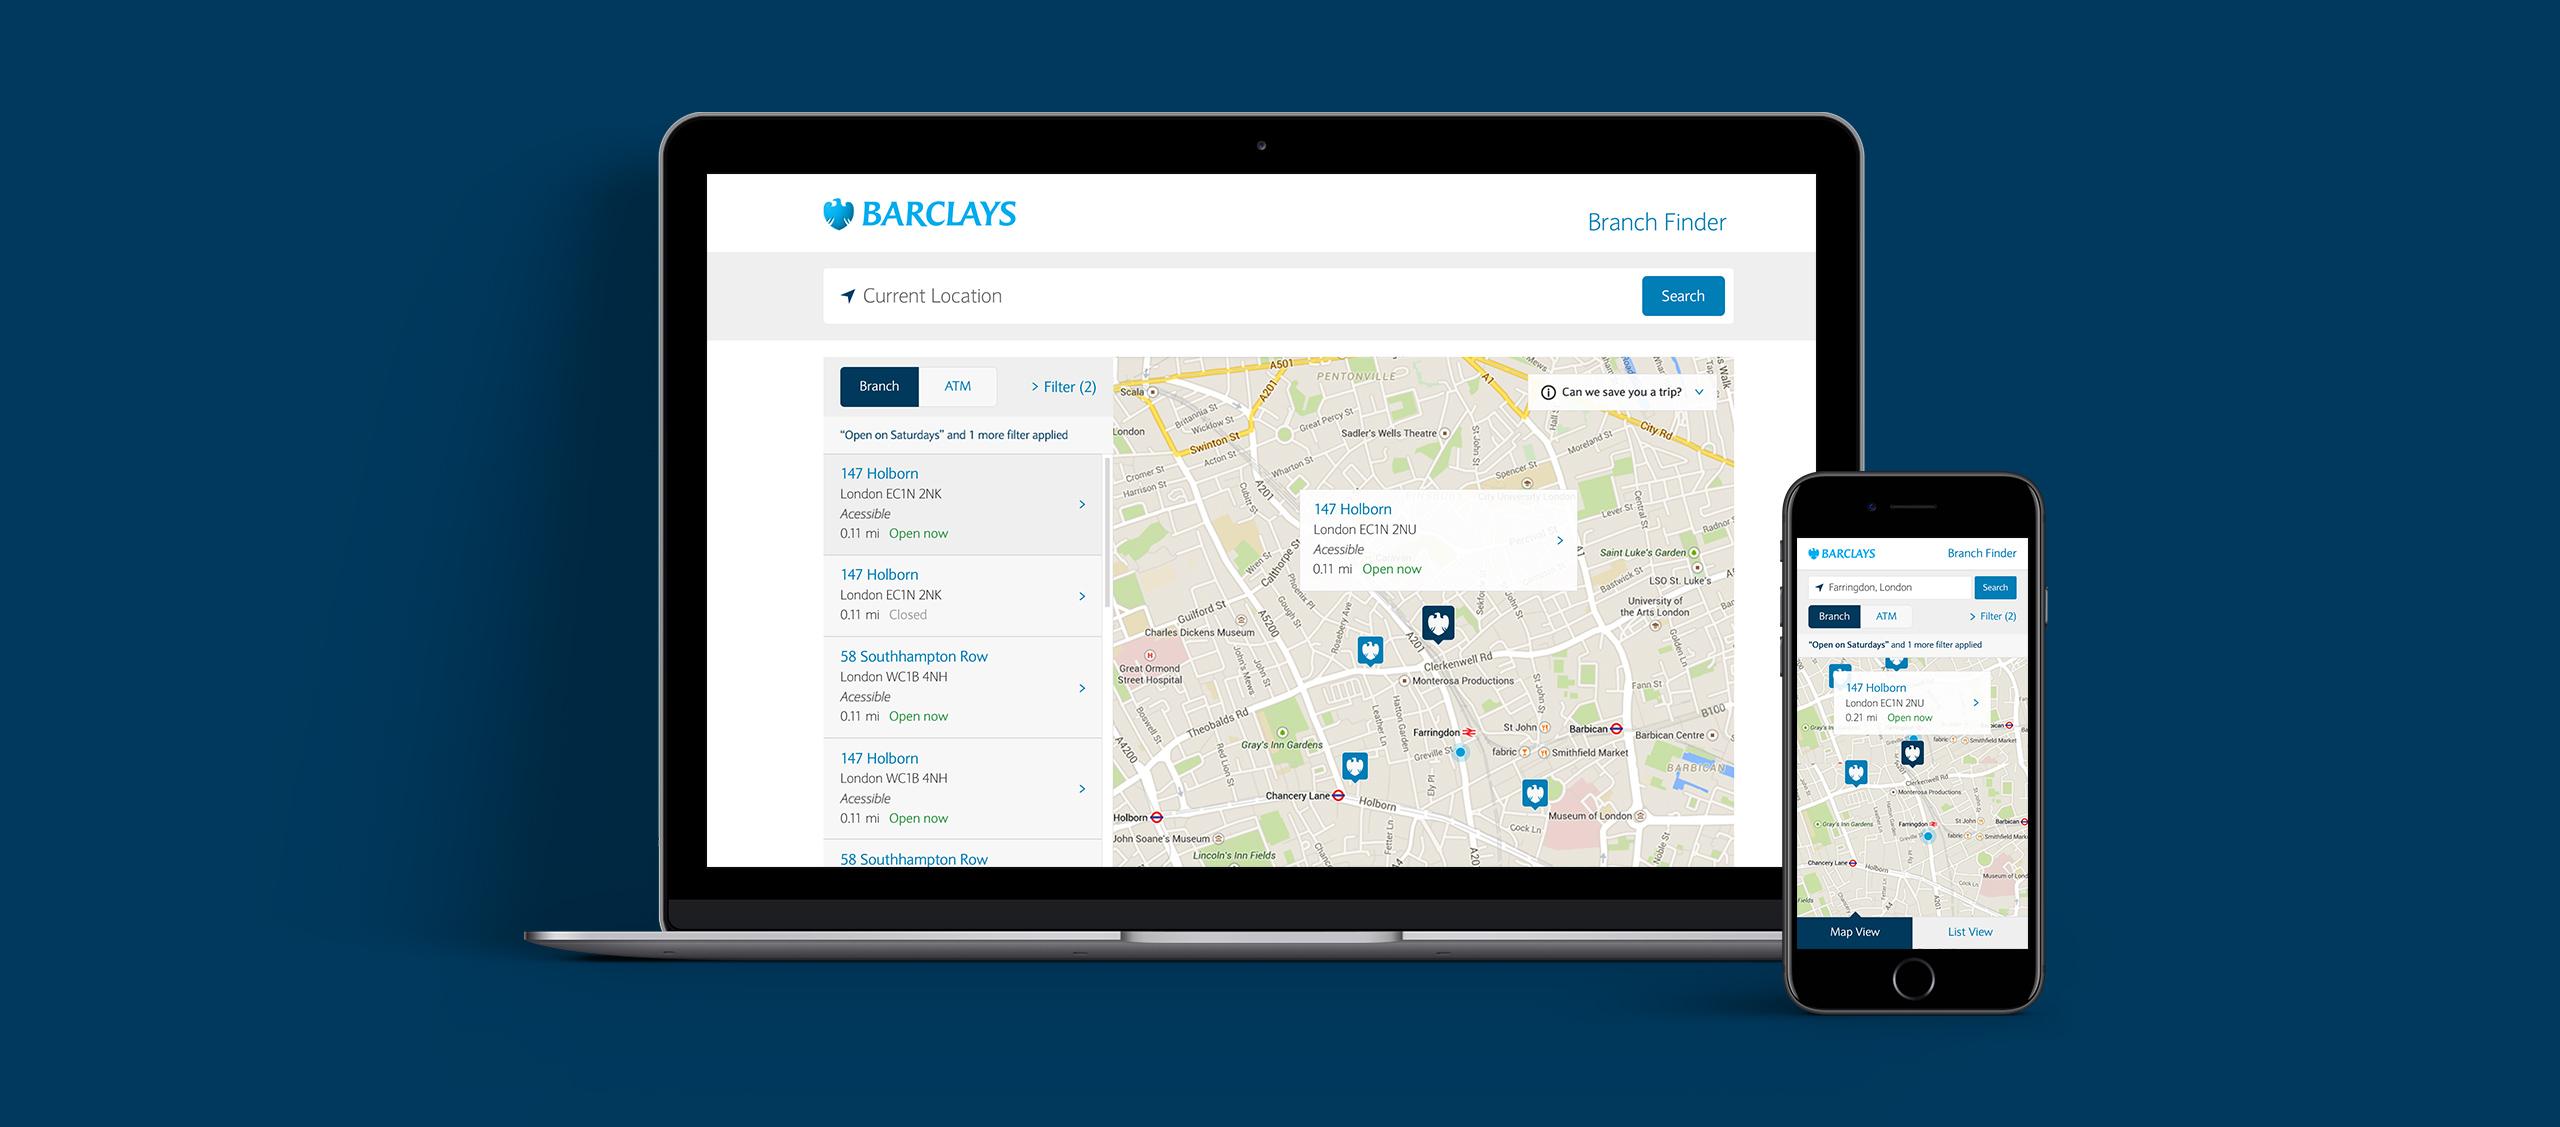 Barclays_2560x1440px_35